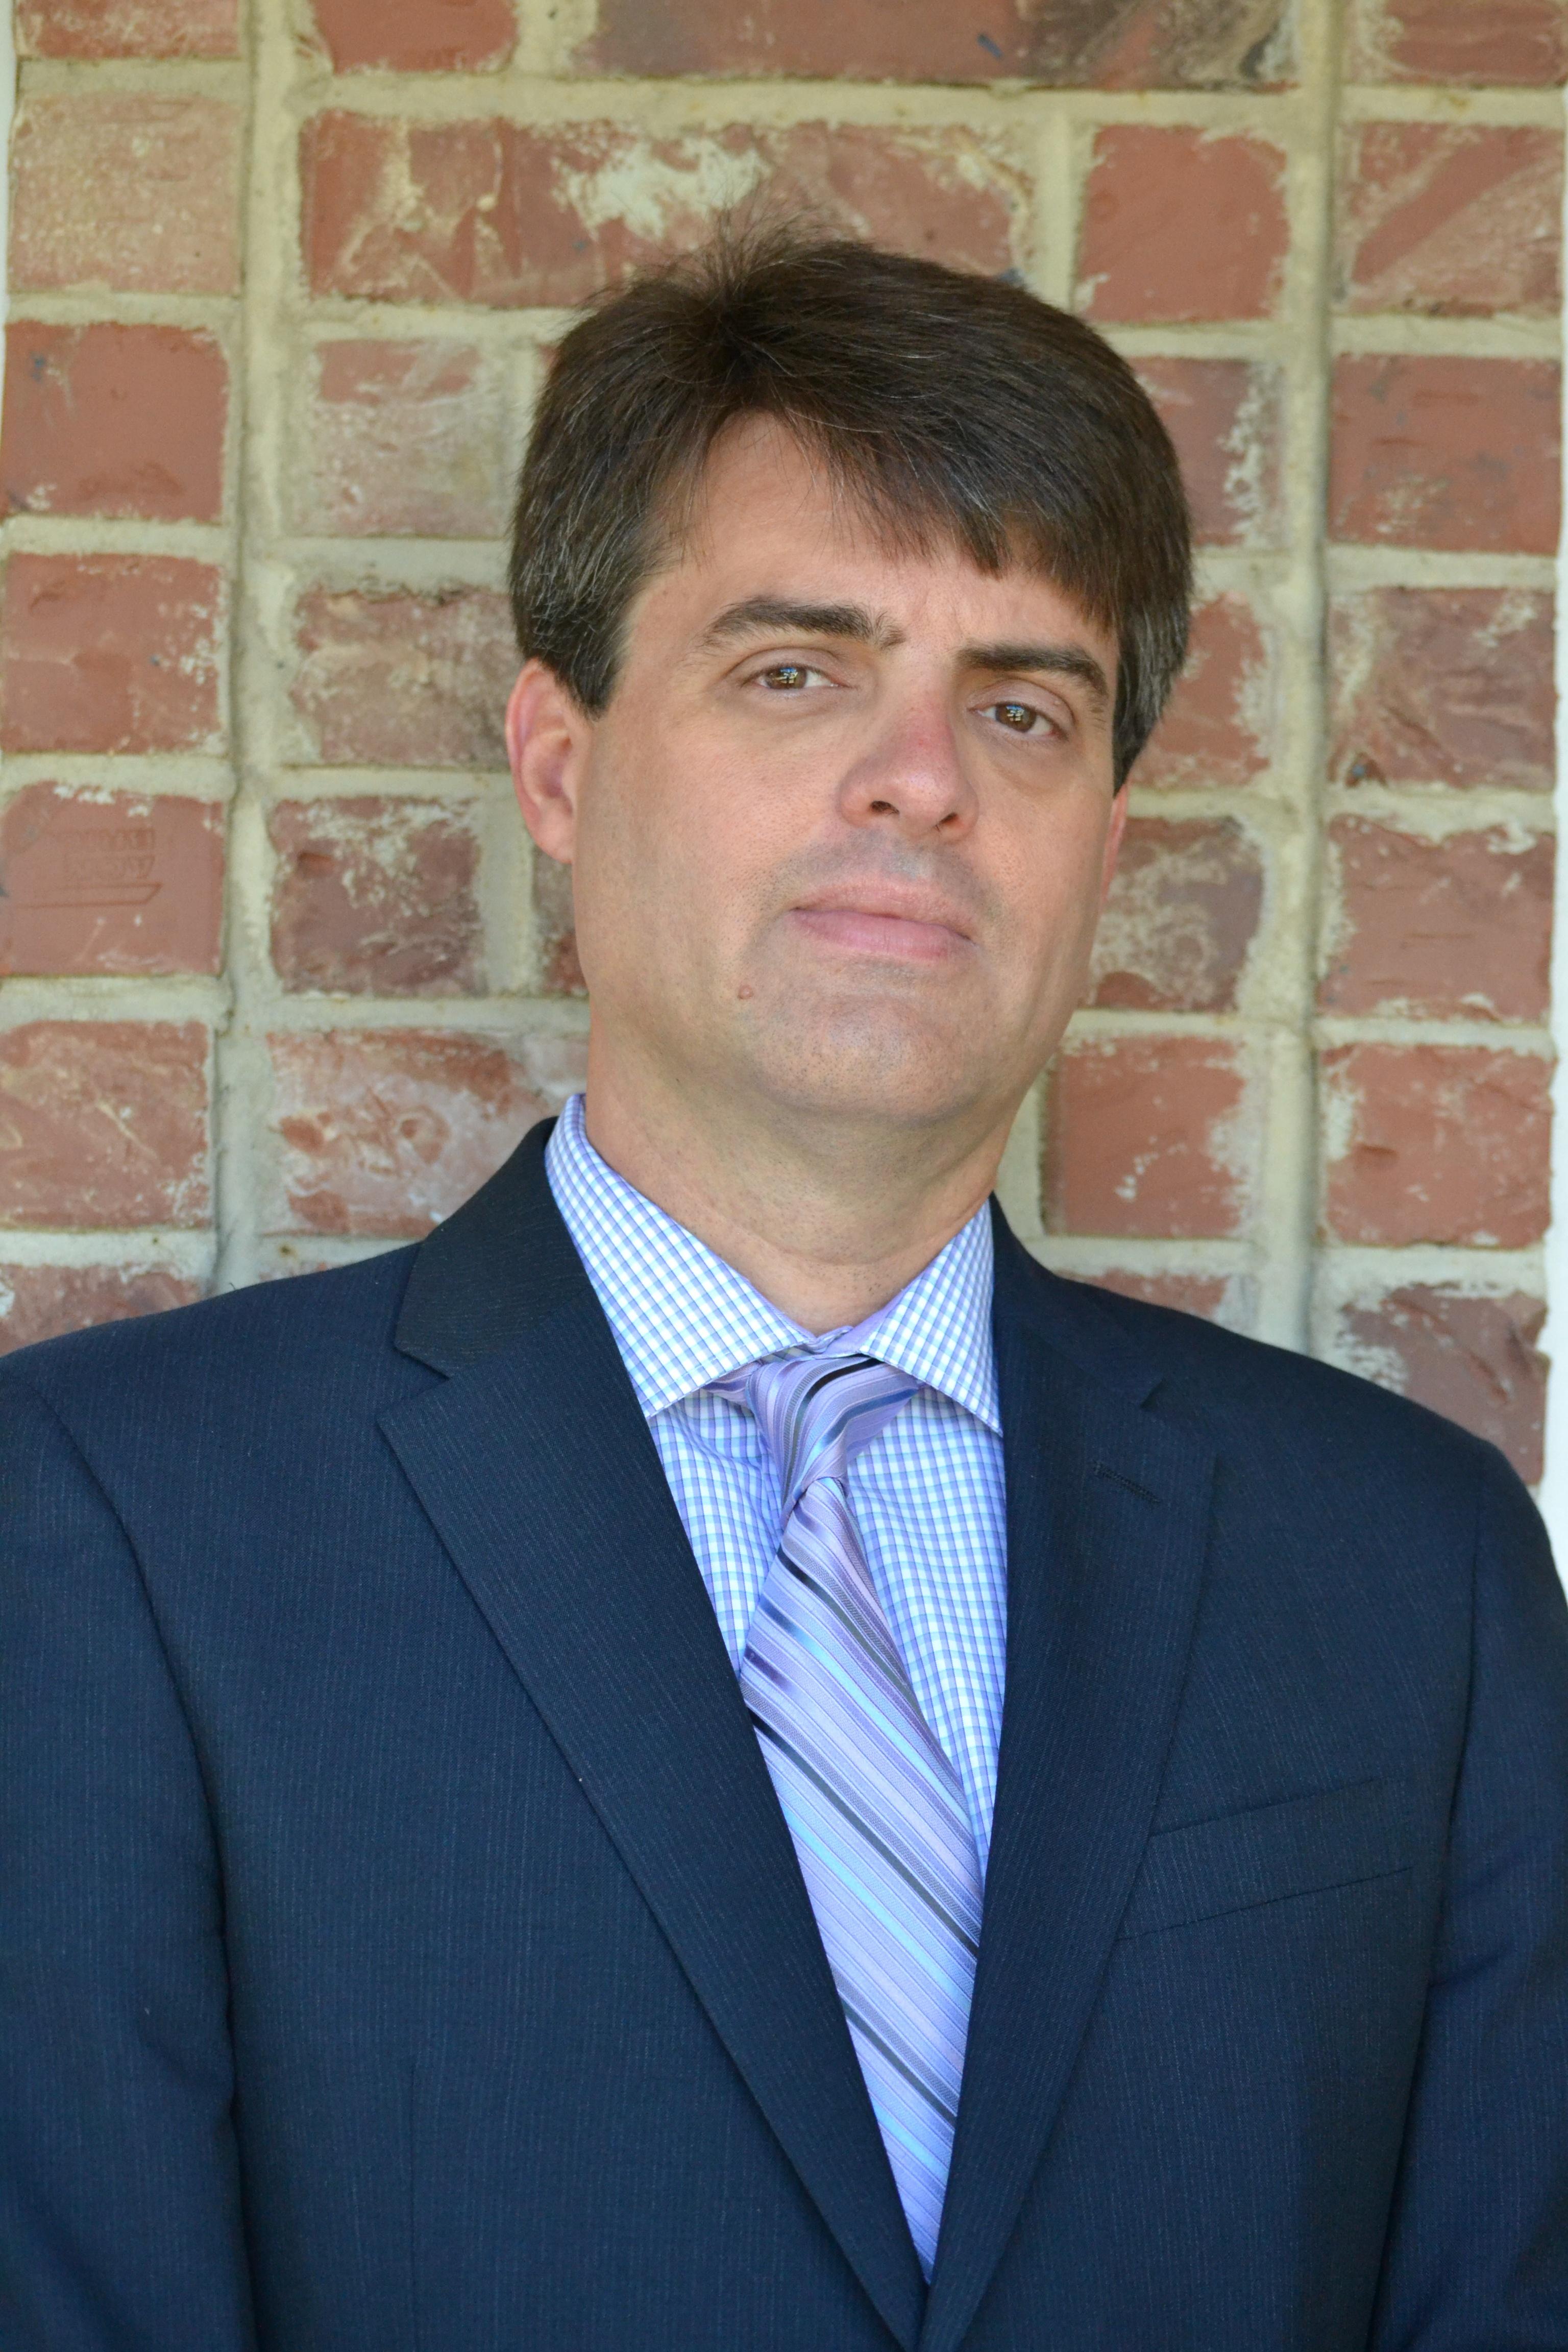 Osborne_Profile_Photo.jpg